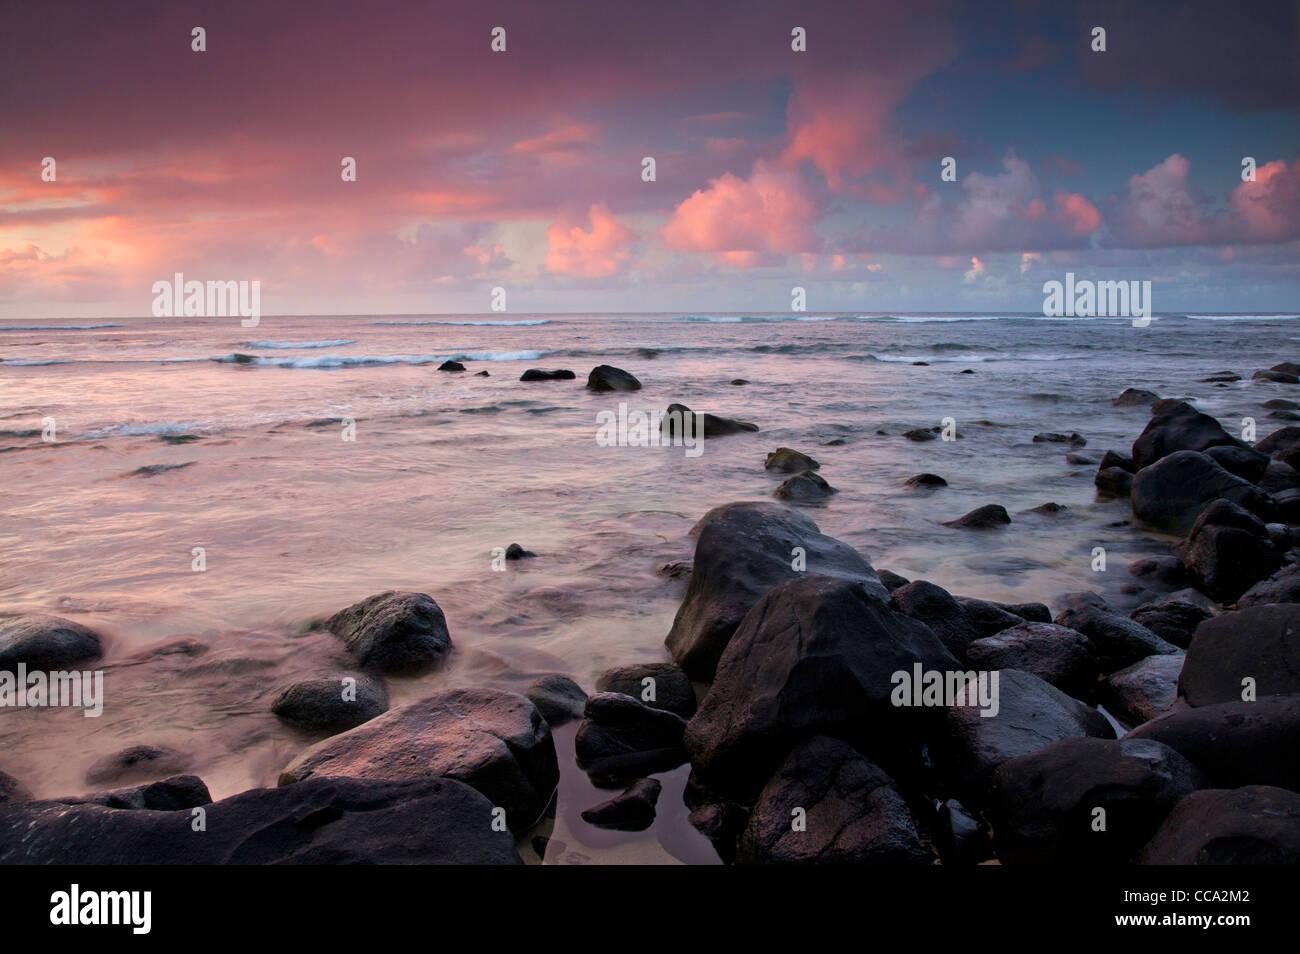 Mit Blick auf die Na Pali Coast von Hanalei Bay, Kauai, Hawaii. Stockfoto